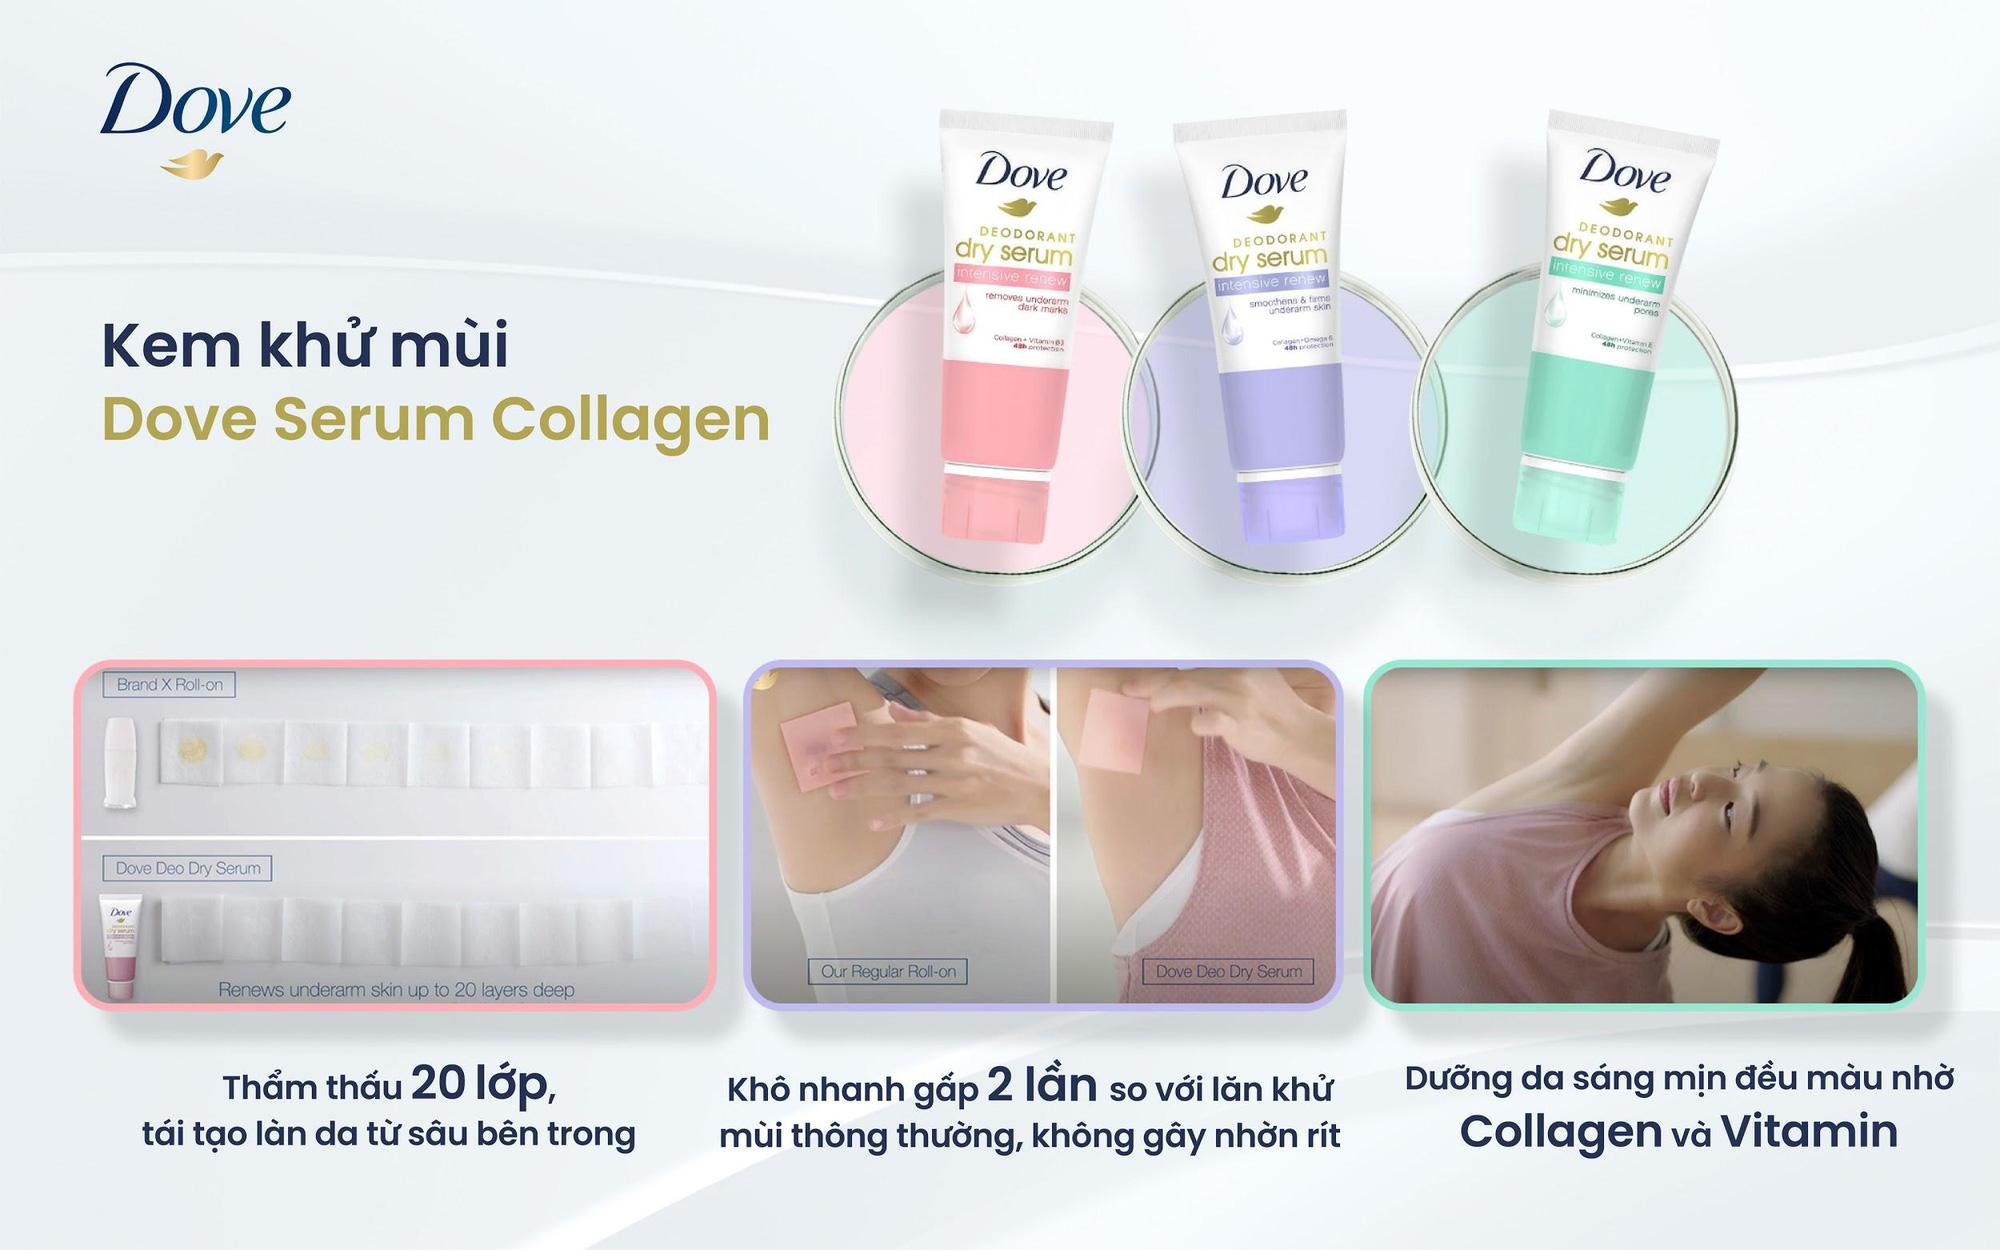 Chân ái mùa nóng: Kem khử mùi kết cấu serum đặc hiệu cho vùng da dưới cánh tay - Ảnh 1.